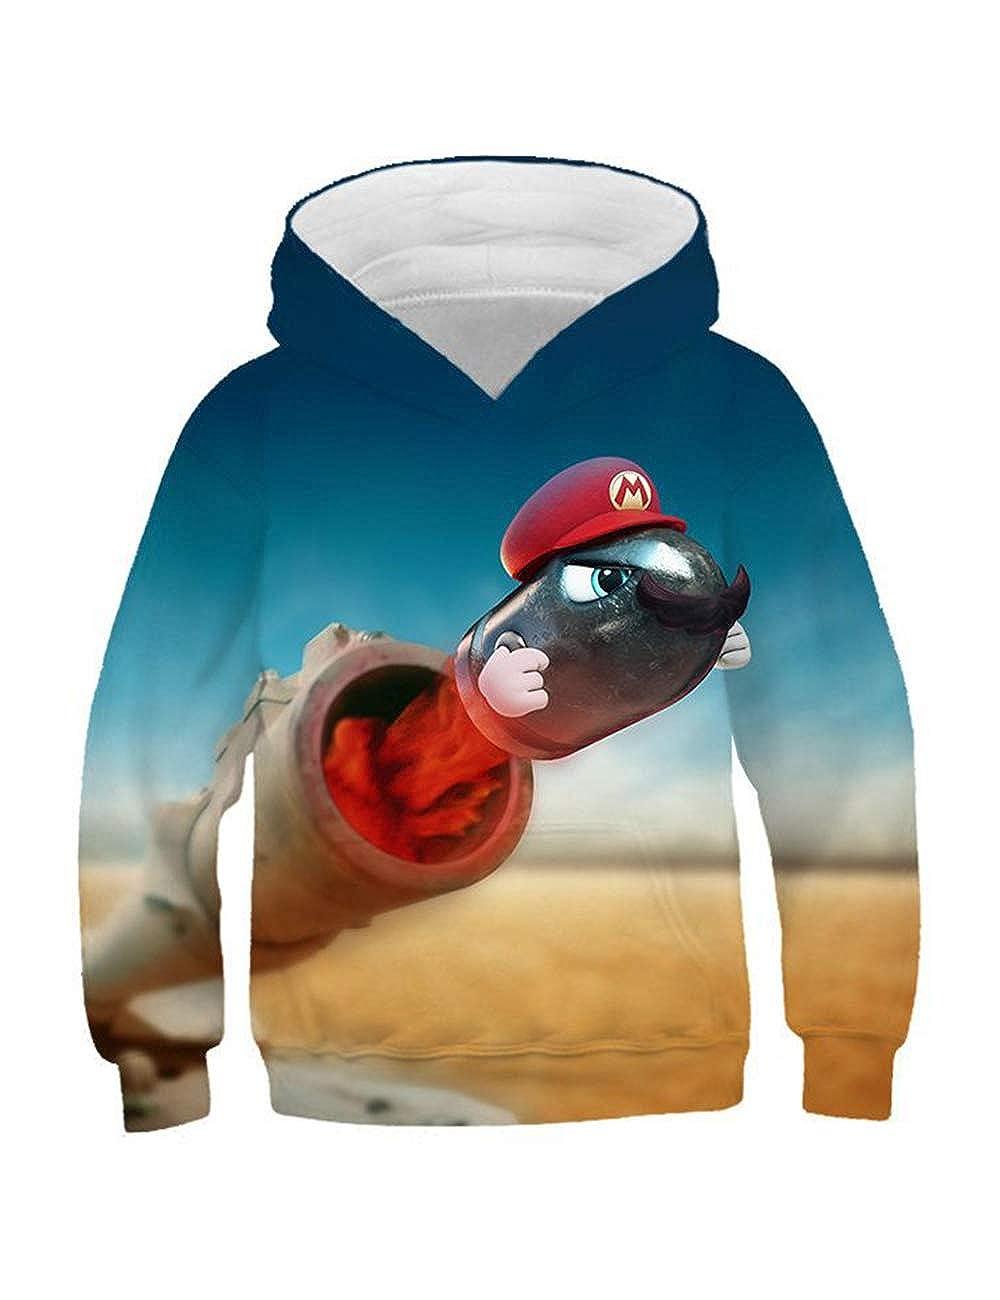 Stampa 3D Casual Felpa con Cappuccio Super Mario per Bambini,Super Mario Bros Felpa per Ragazzo e Ragazza Manica Lunga con Cappuccio Hoodie Pullover